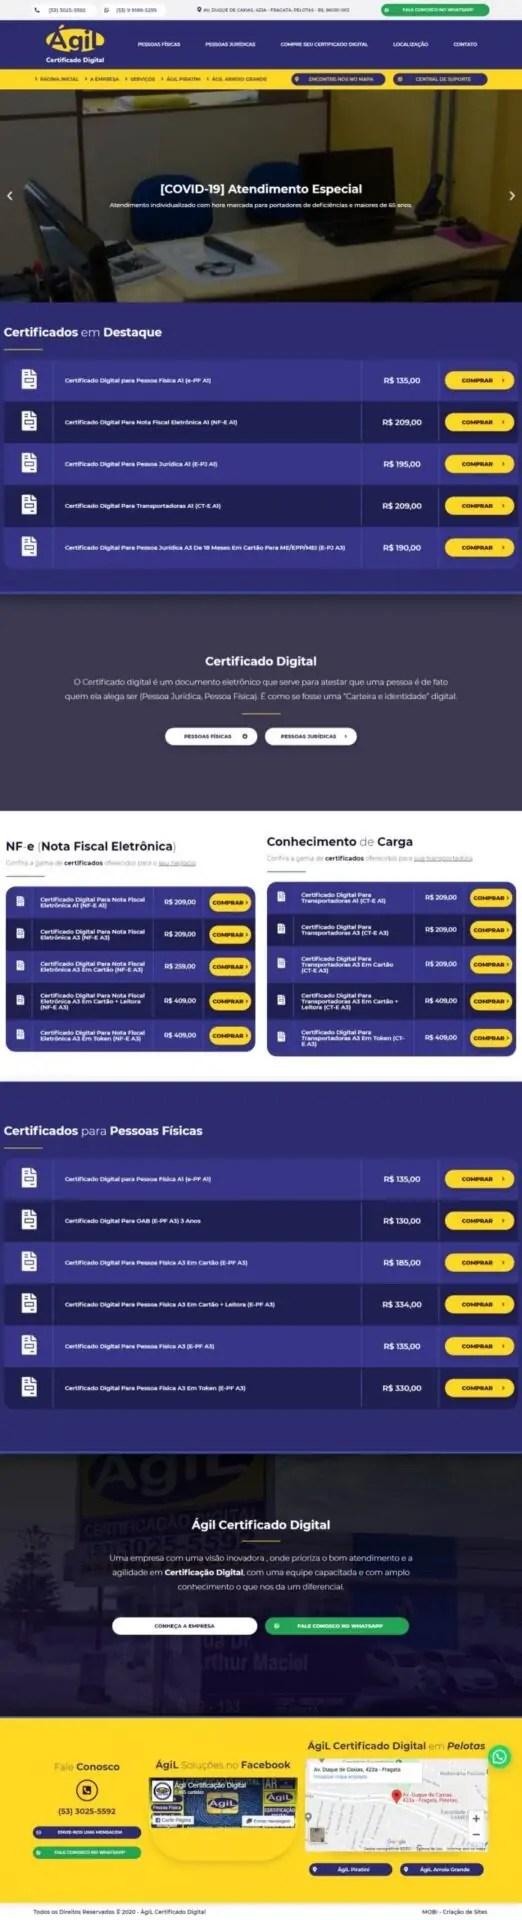 Captura da Web_7-2-2021_16551_www.agilcertificacao.com.br